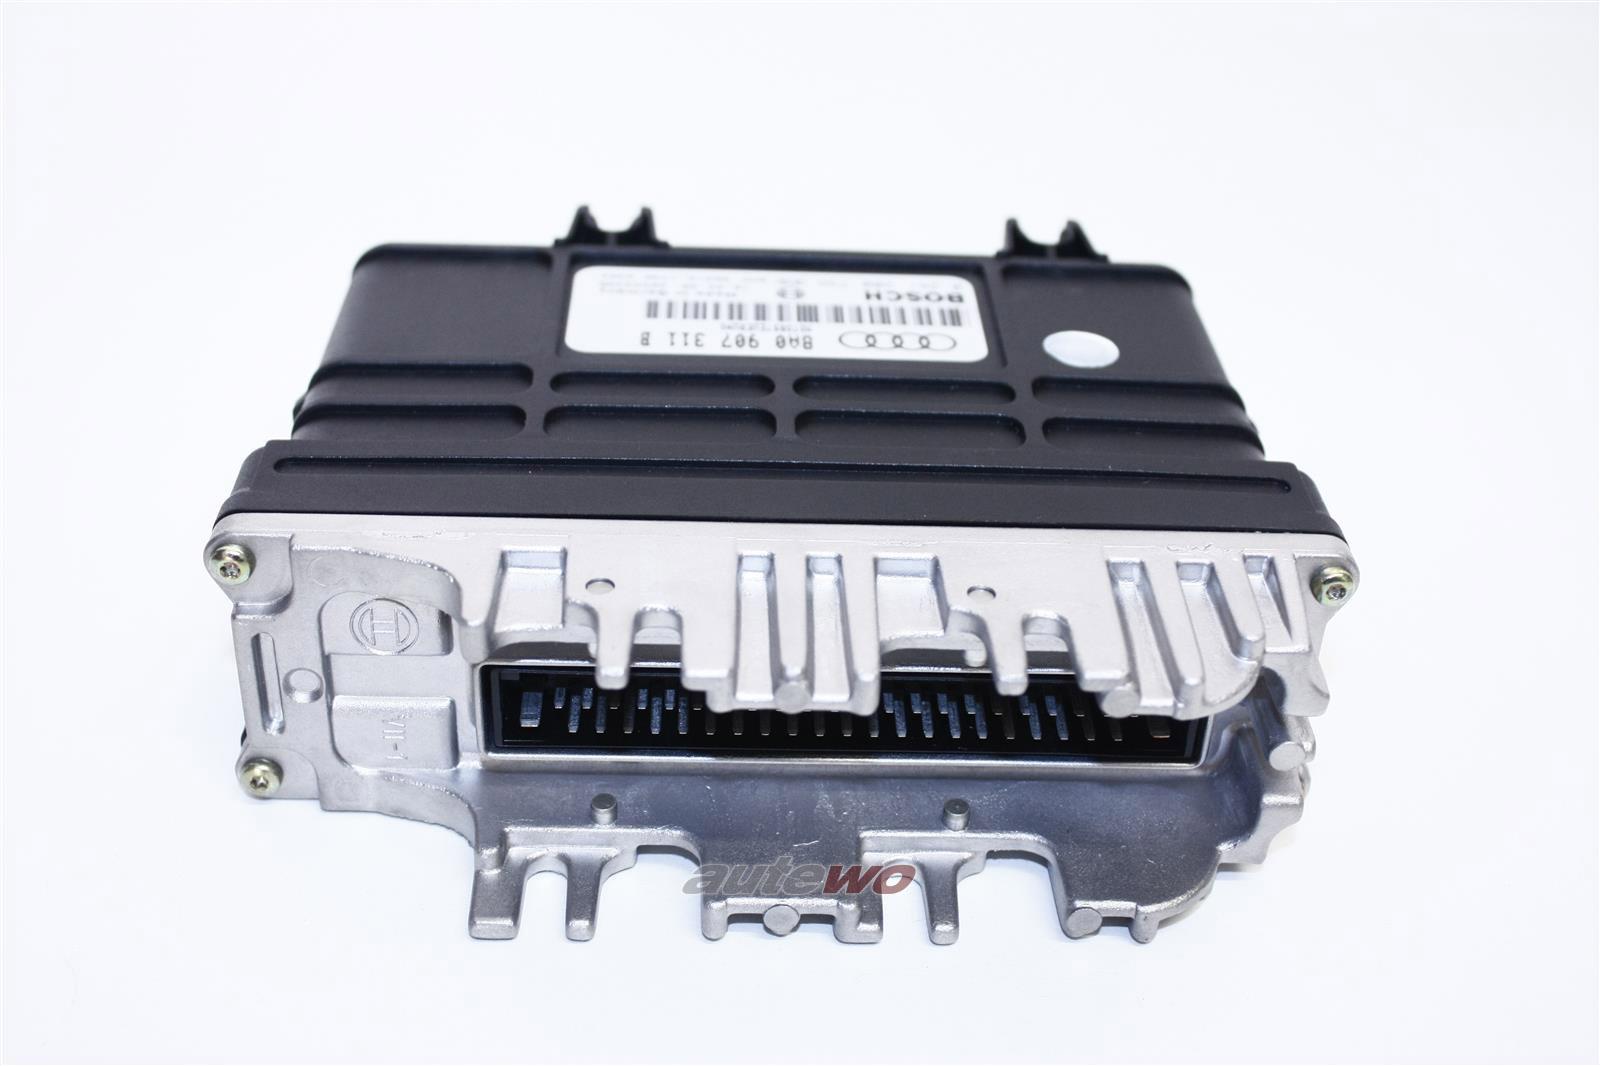 8A0997311X 8A0907311B 0261200736 NEU Audi 80 B4 2.0l 4 Zyl. Motorsteuergerät